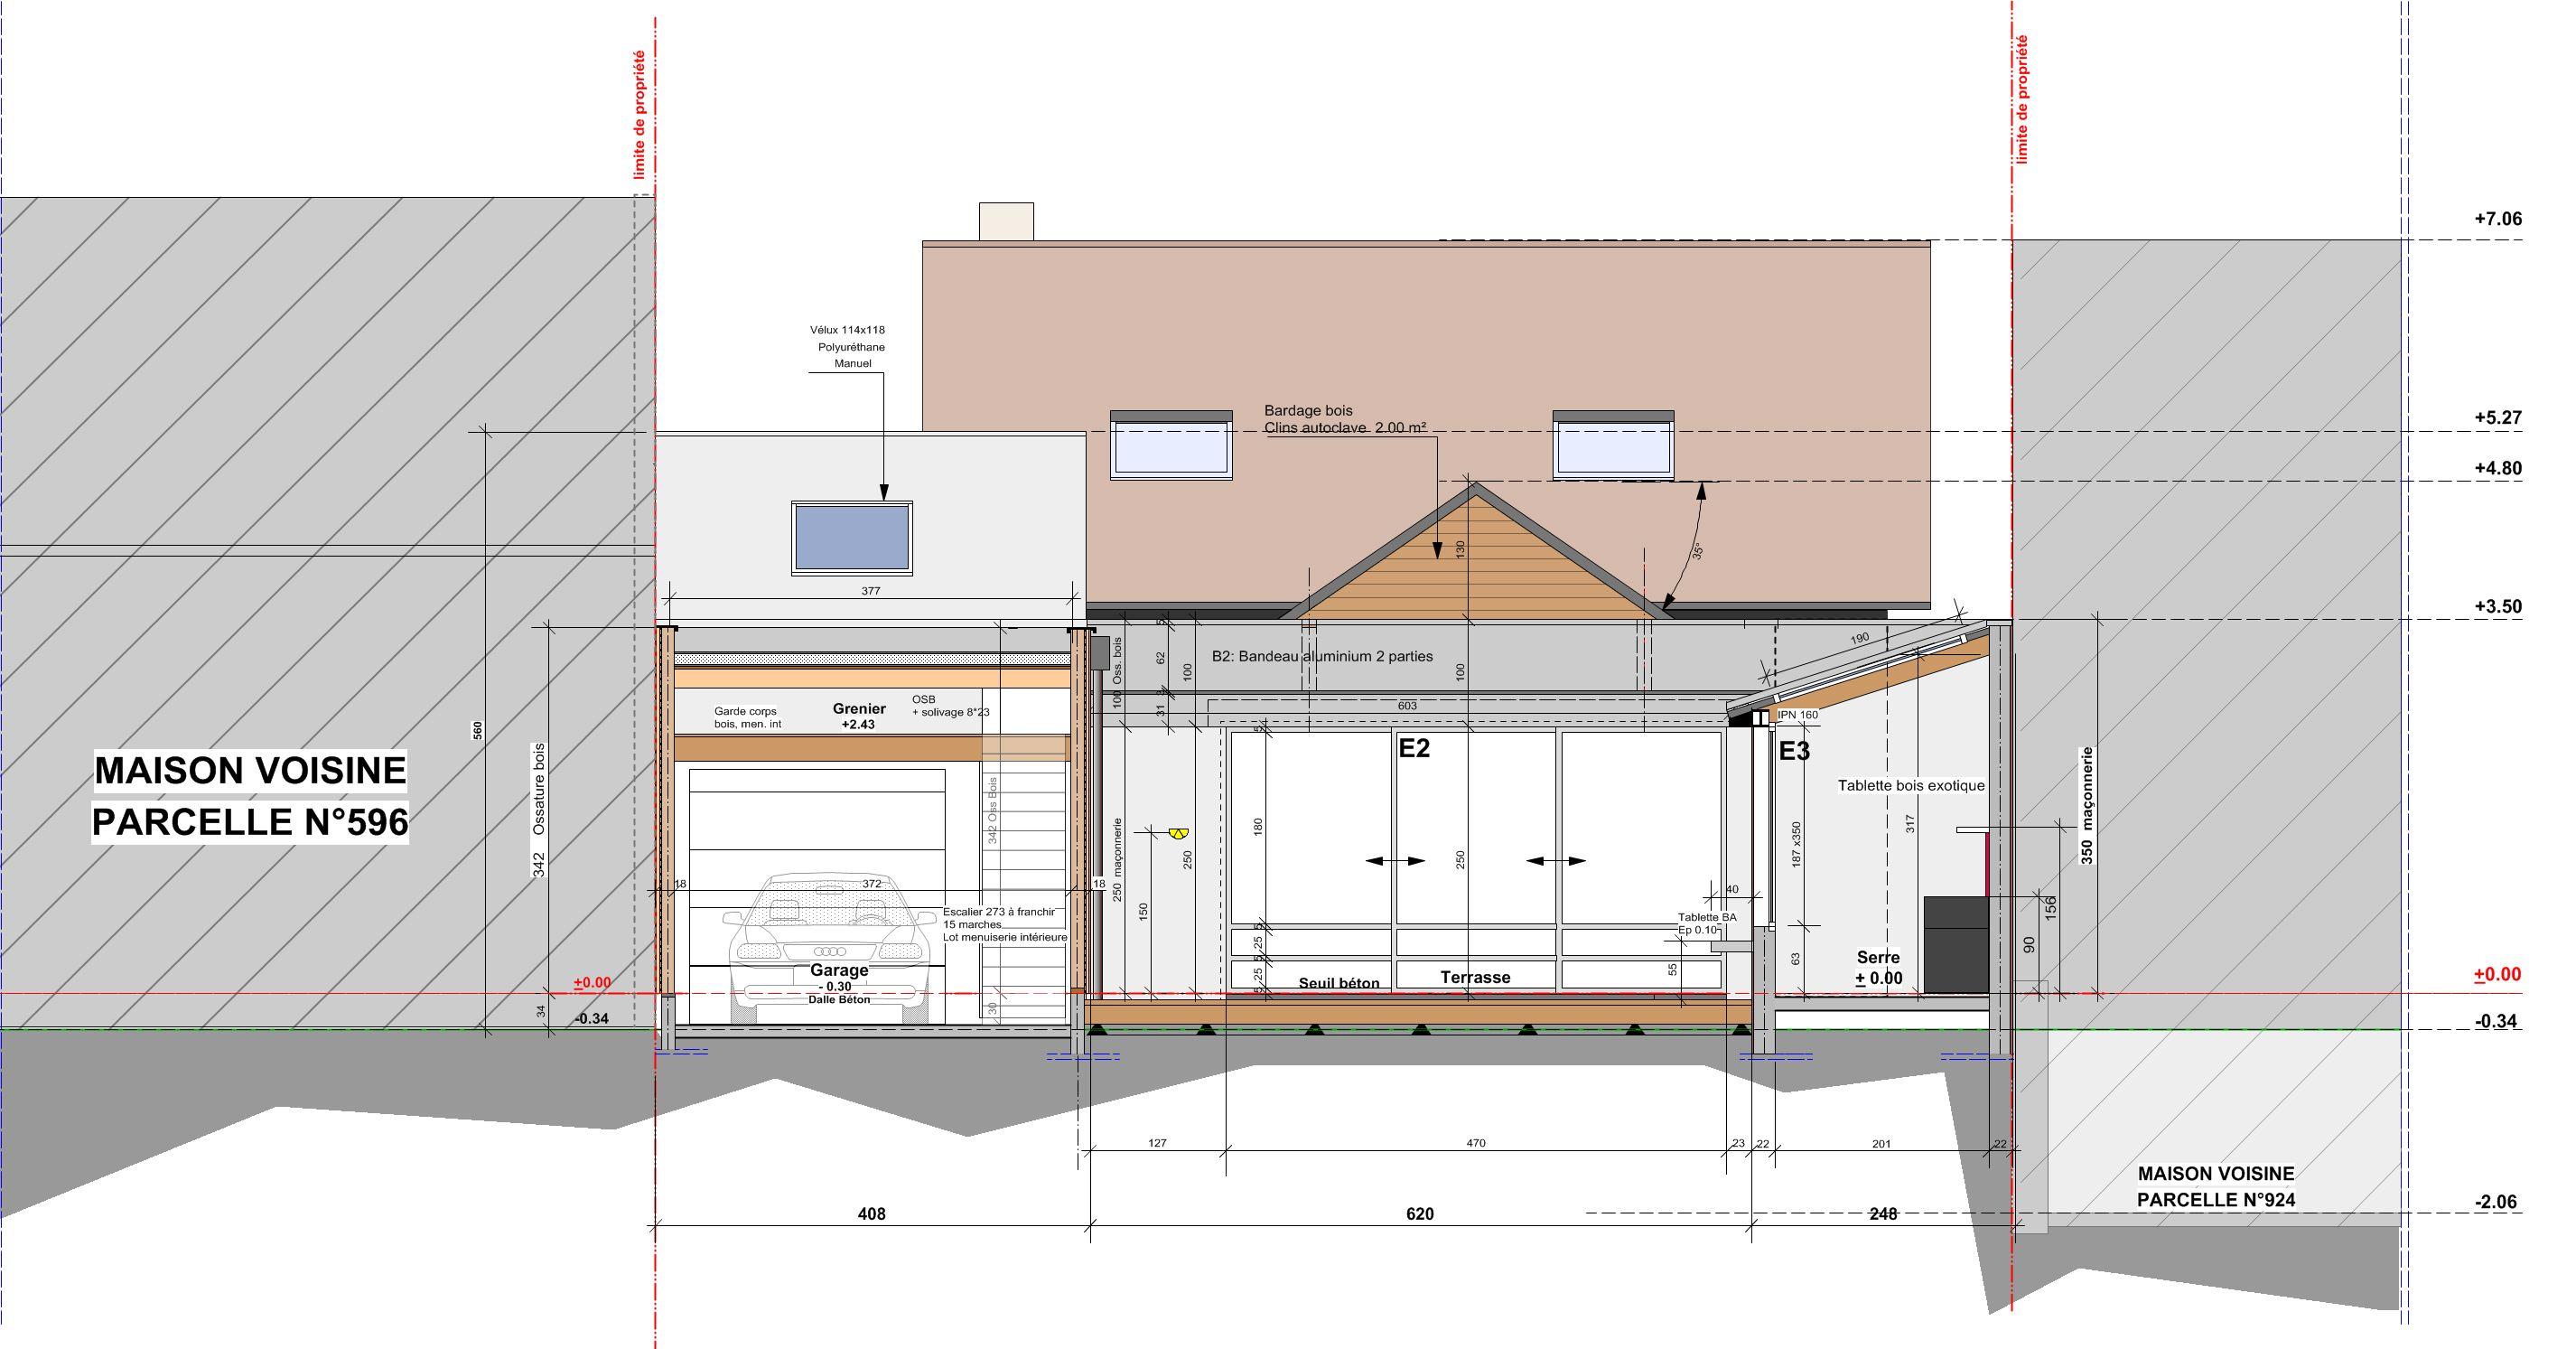 Plan extension maison plan des facades et toitures for Extension maison plan